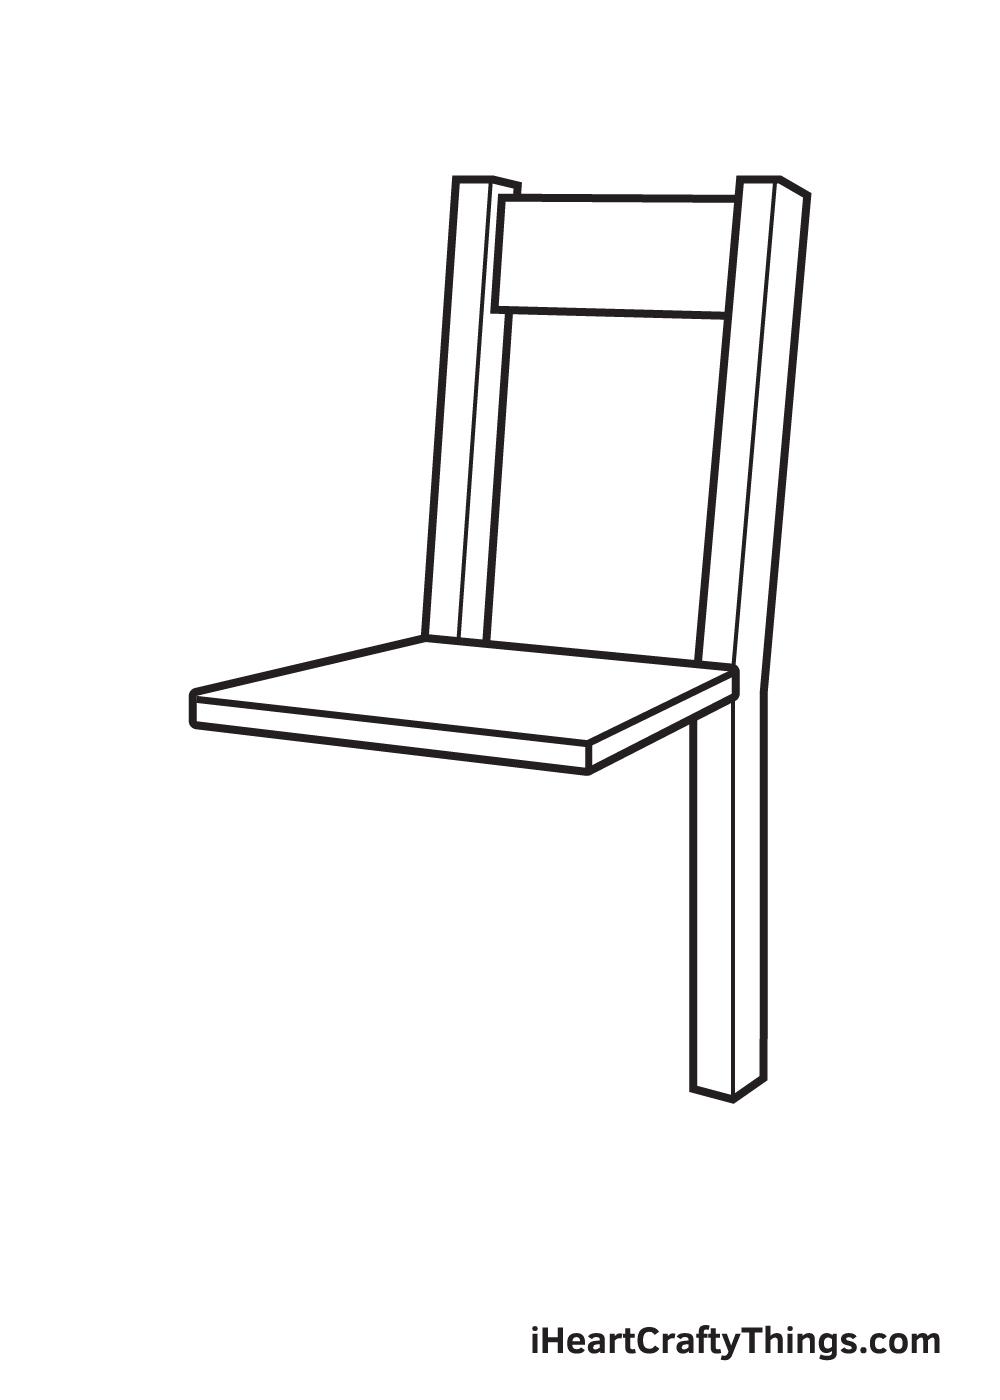 Vẽ ghế - Bước 4